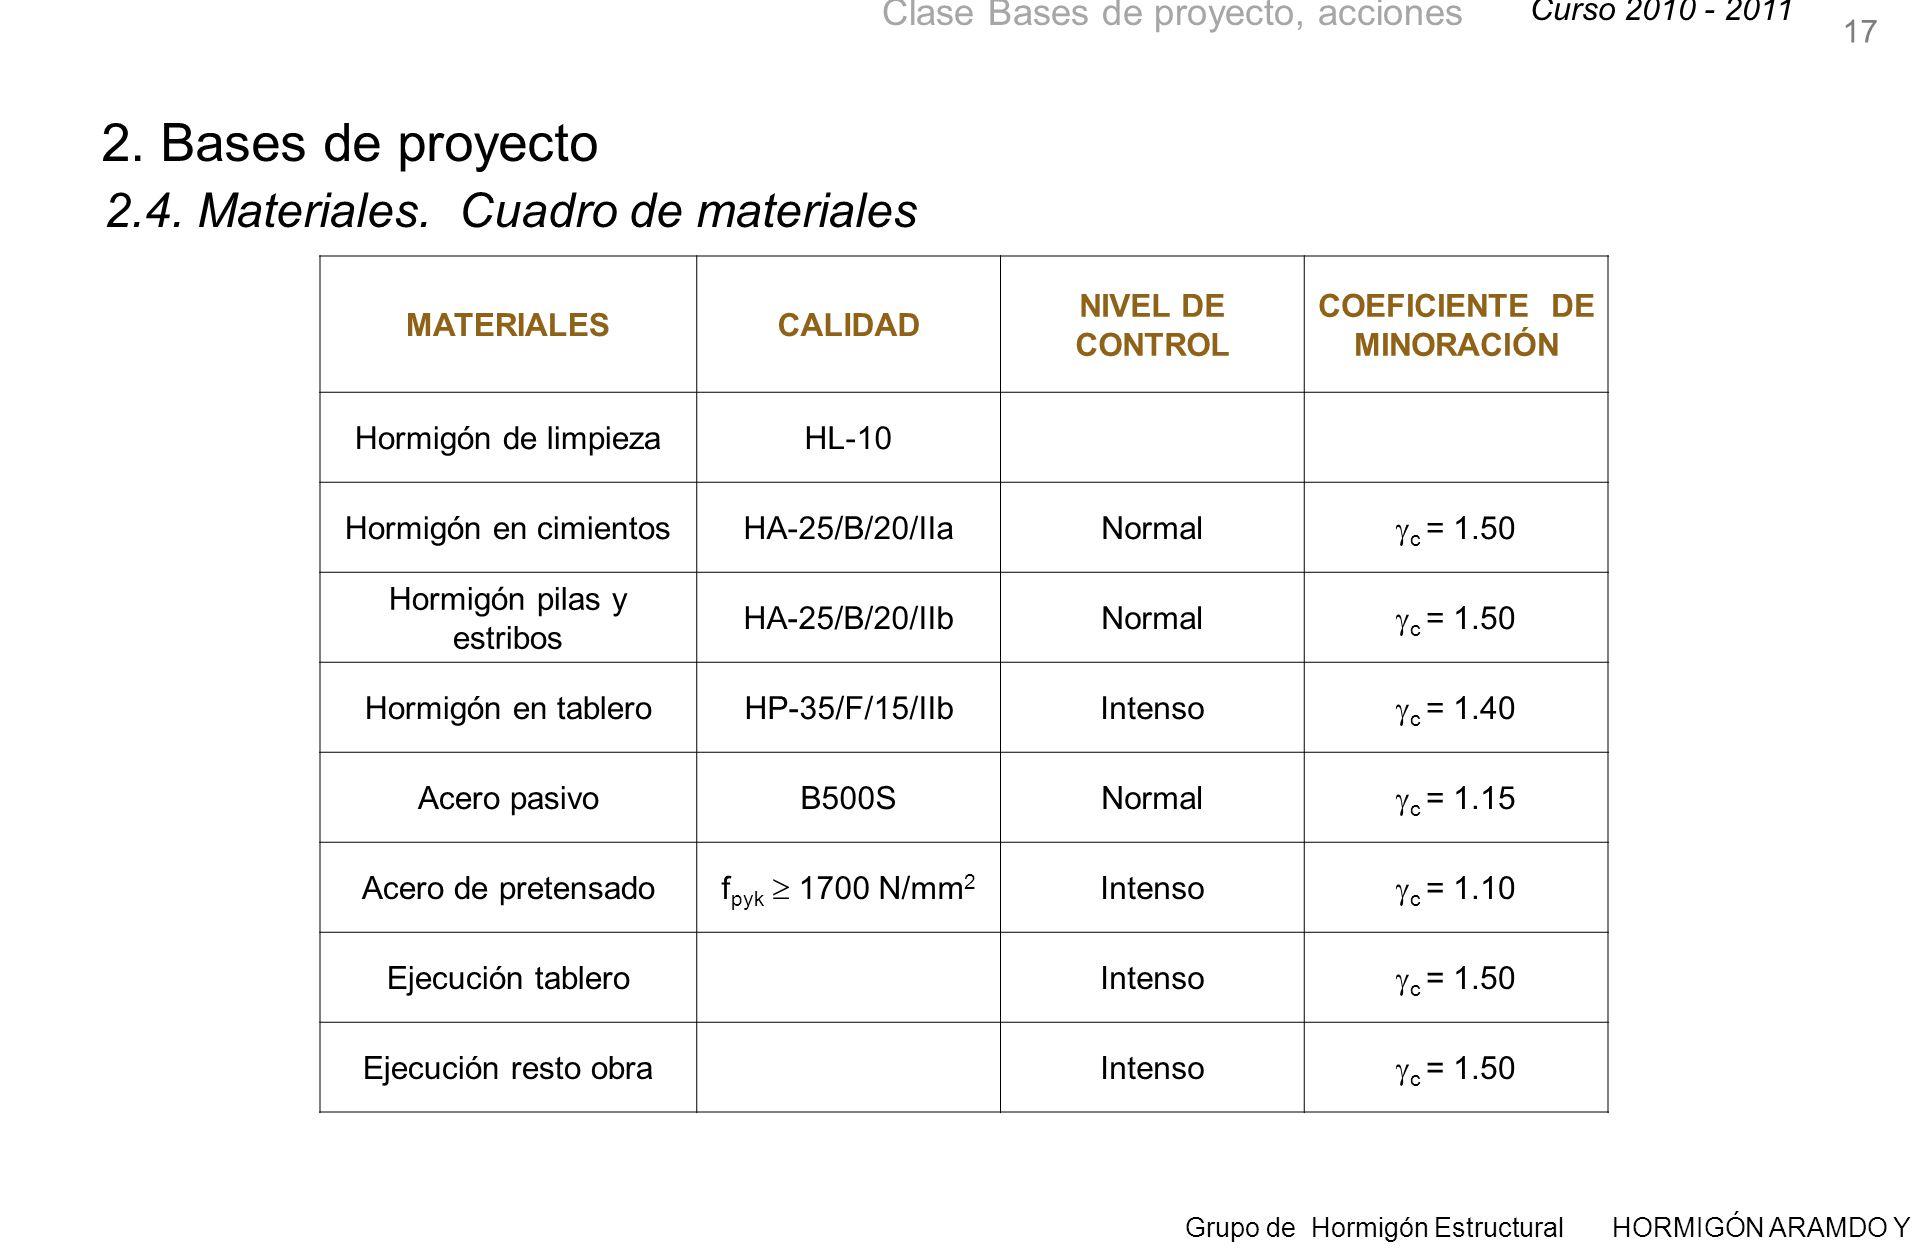 Curso 2010 - 2011 Grupo de Hormigón Estructural HORMIGÓN ARAMDO Y PRETENSADO II Clase Bases de proyecto, acciones 17 2.4.